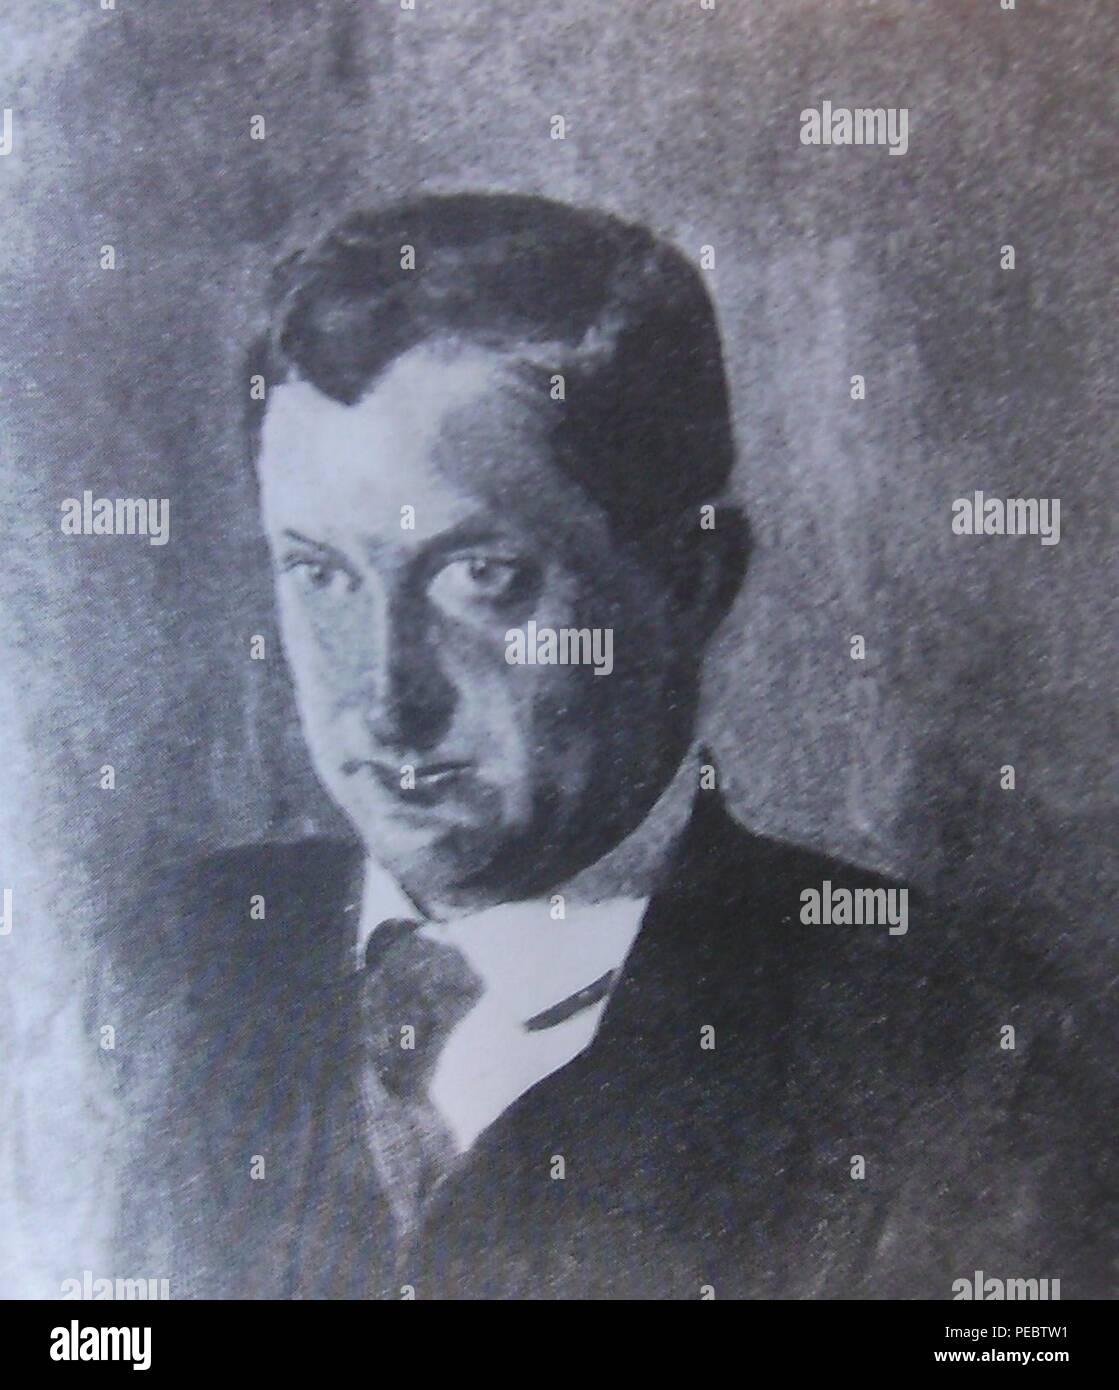 Arthur Kutscher. Stock Photo